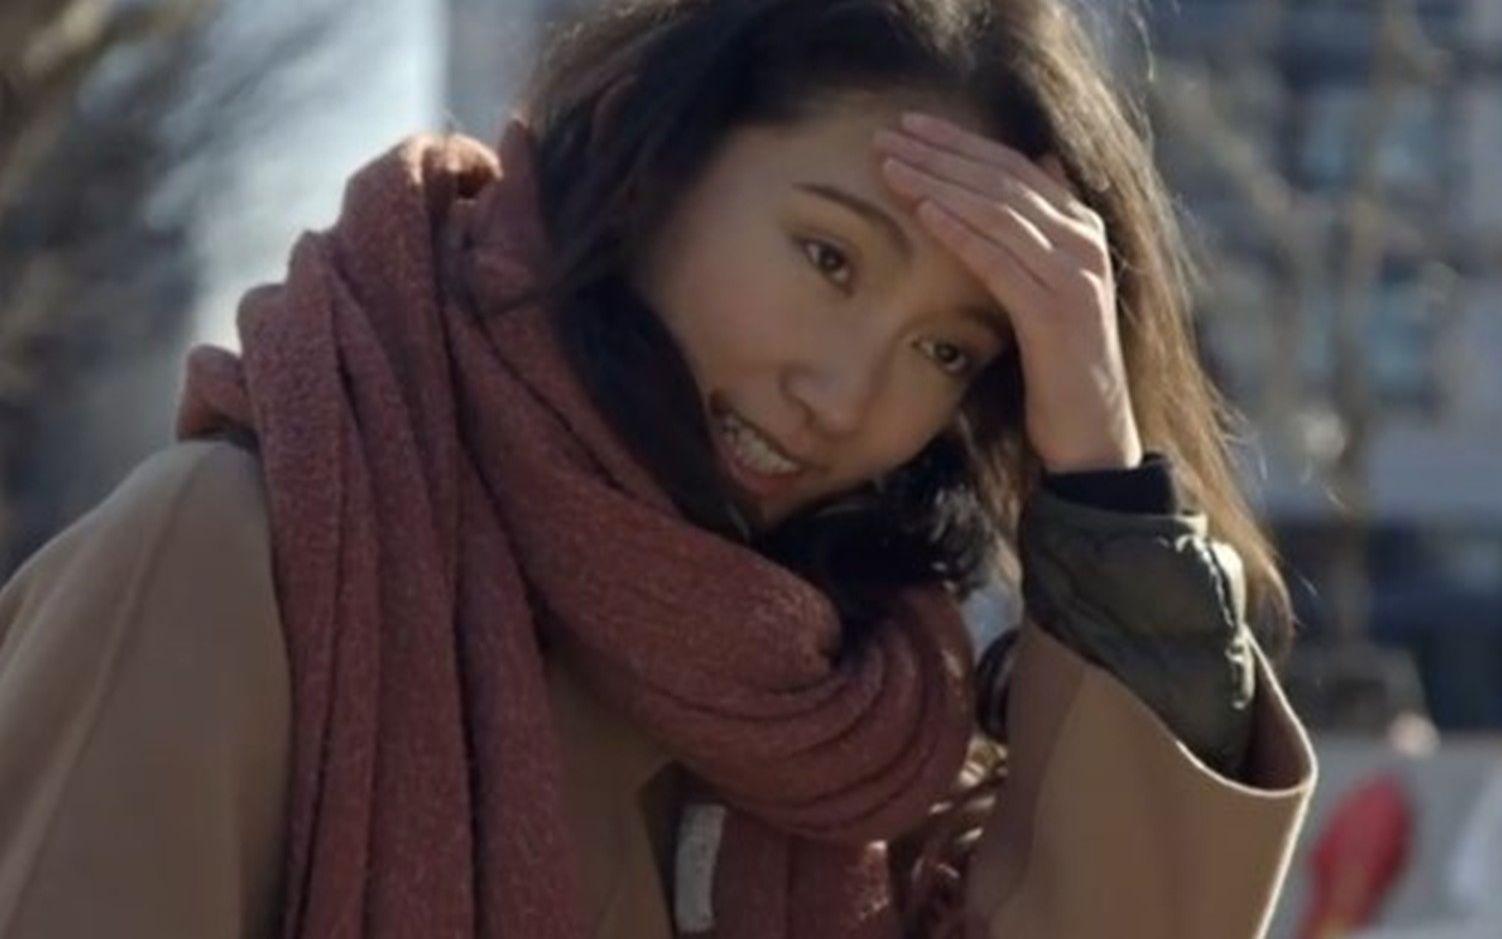 强奸的日本片_片《日本之耻》女孩被安倍晋三传记作者性侵,安倍被迫回应并修改强奸